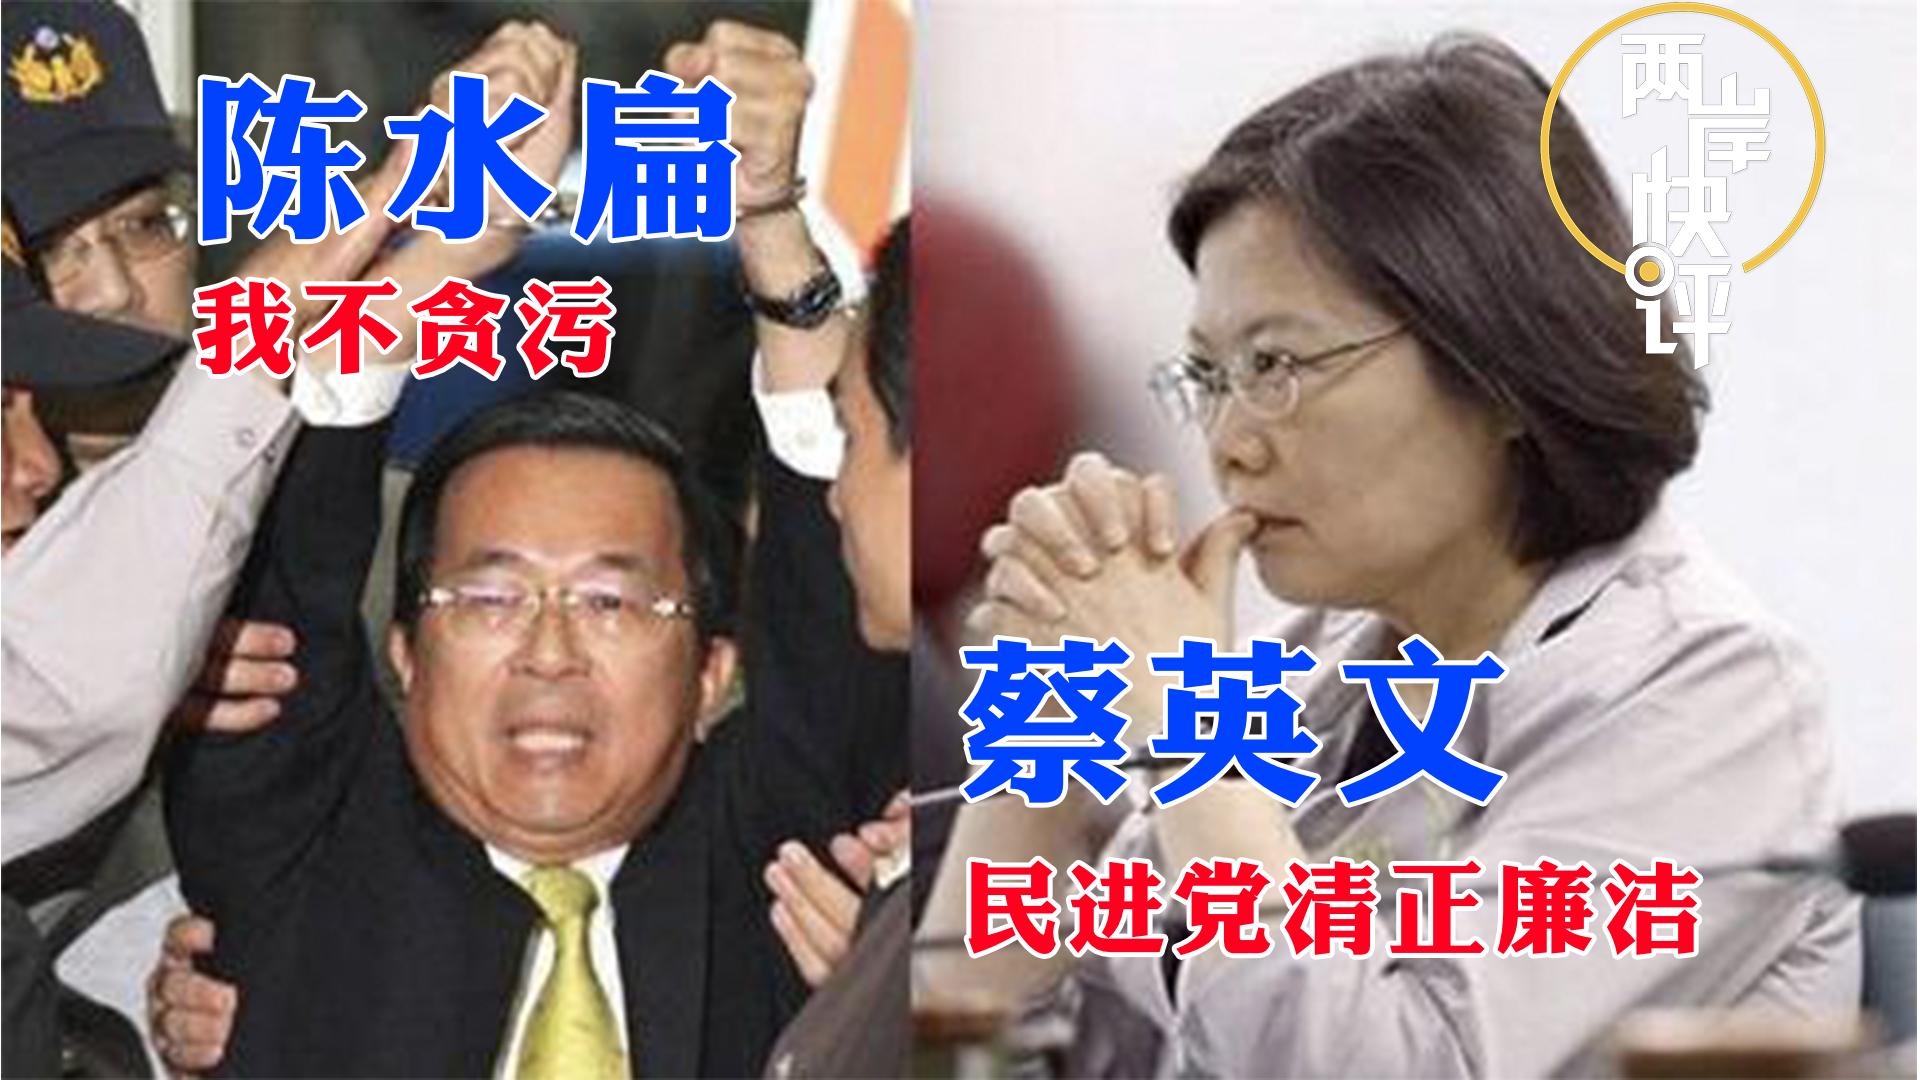 """蔡英文稱清廉""""理所當然"""" 網友追問:陳水扁呢?.jpg"""